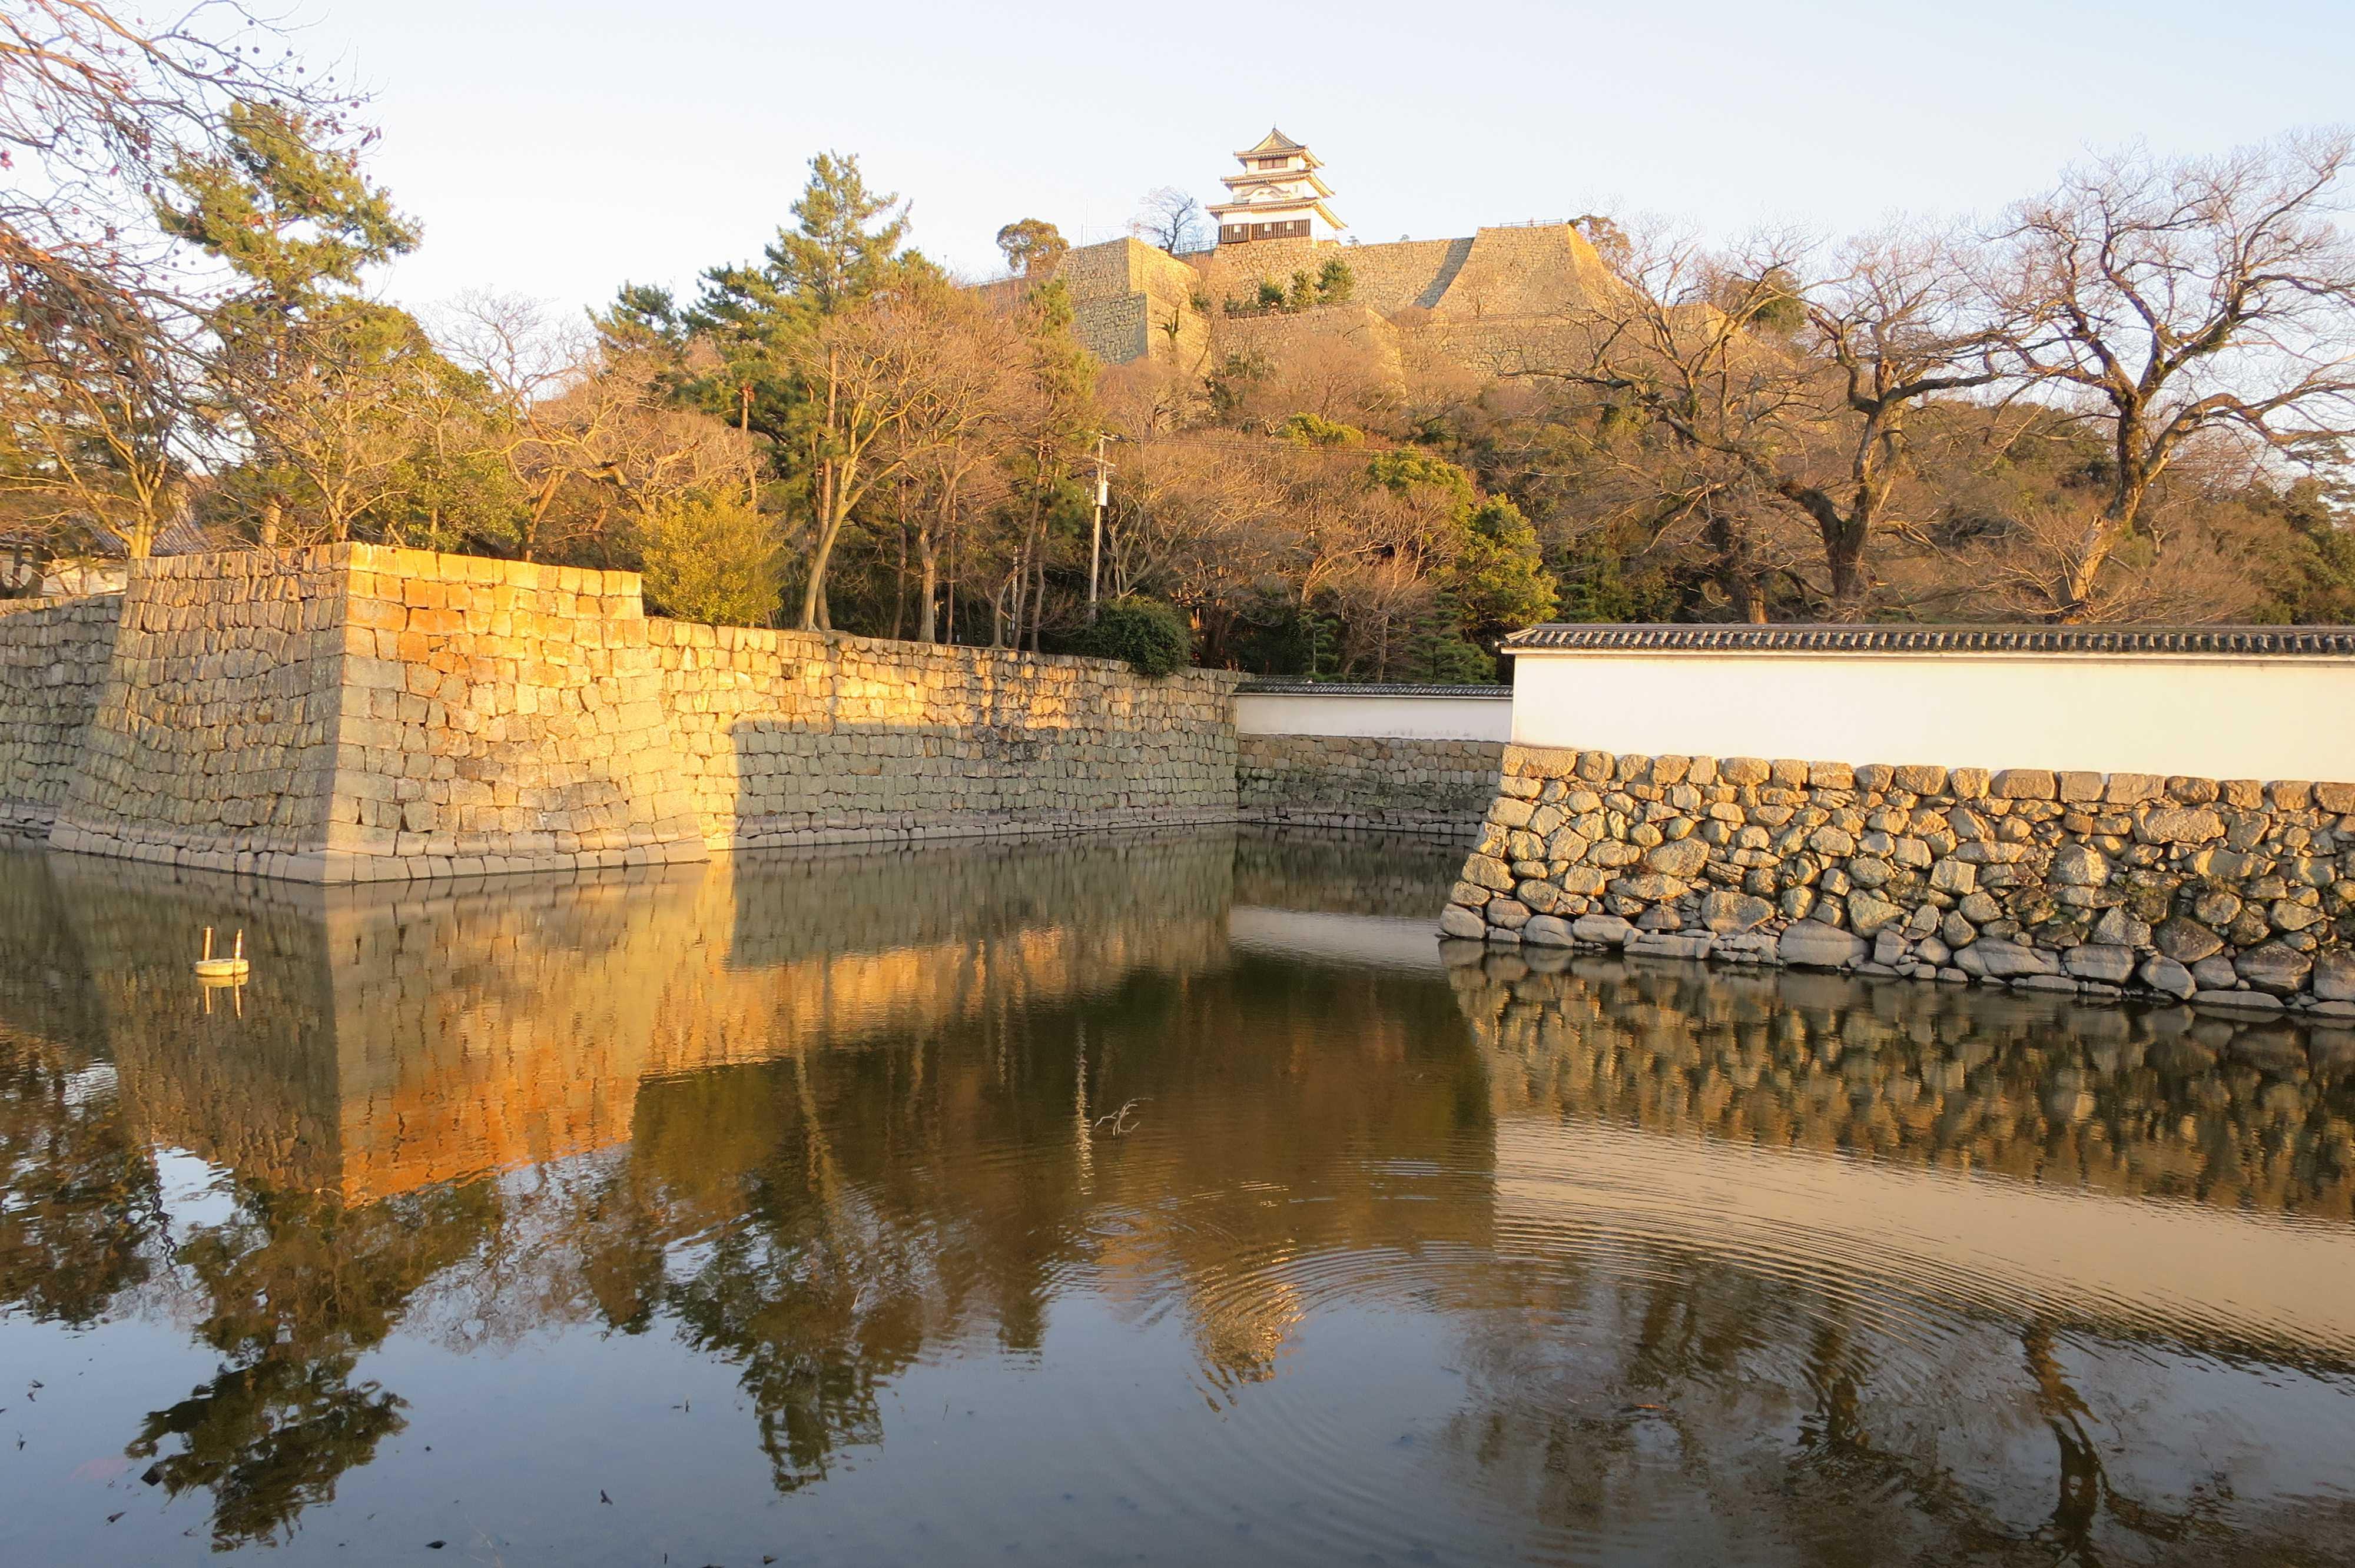 丸亀城の石垣とお堀